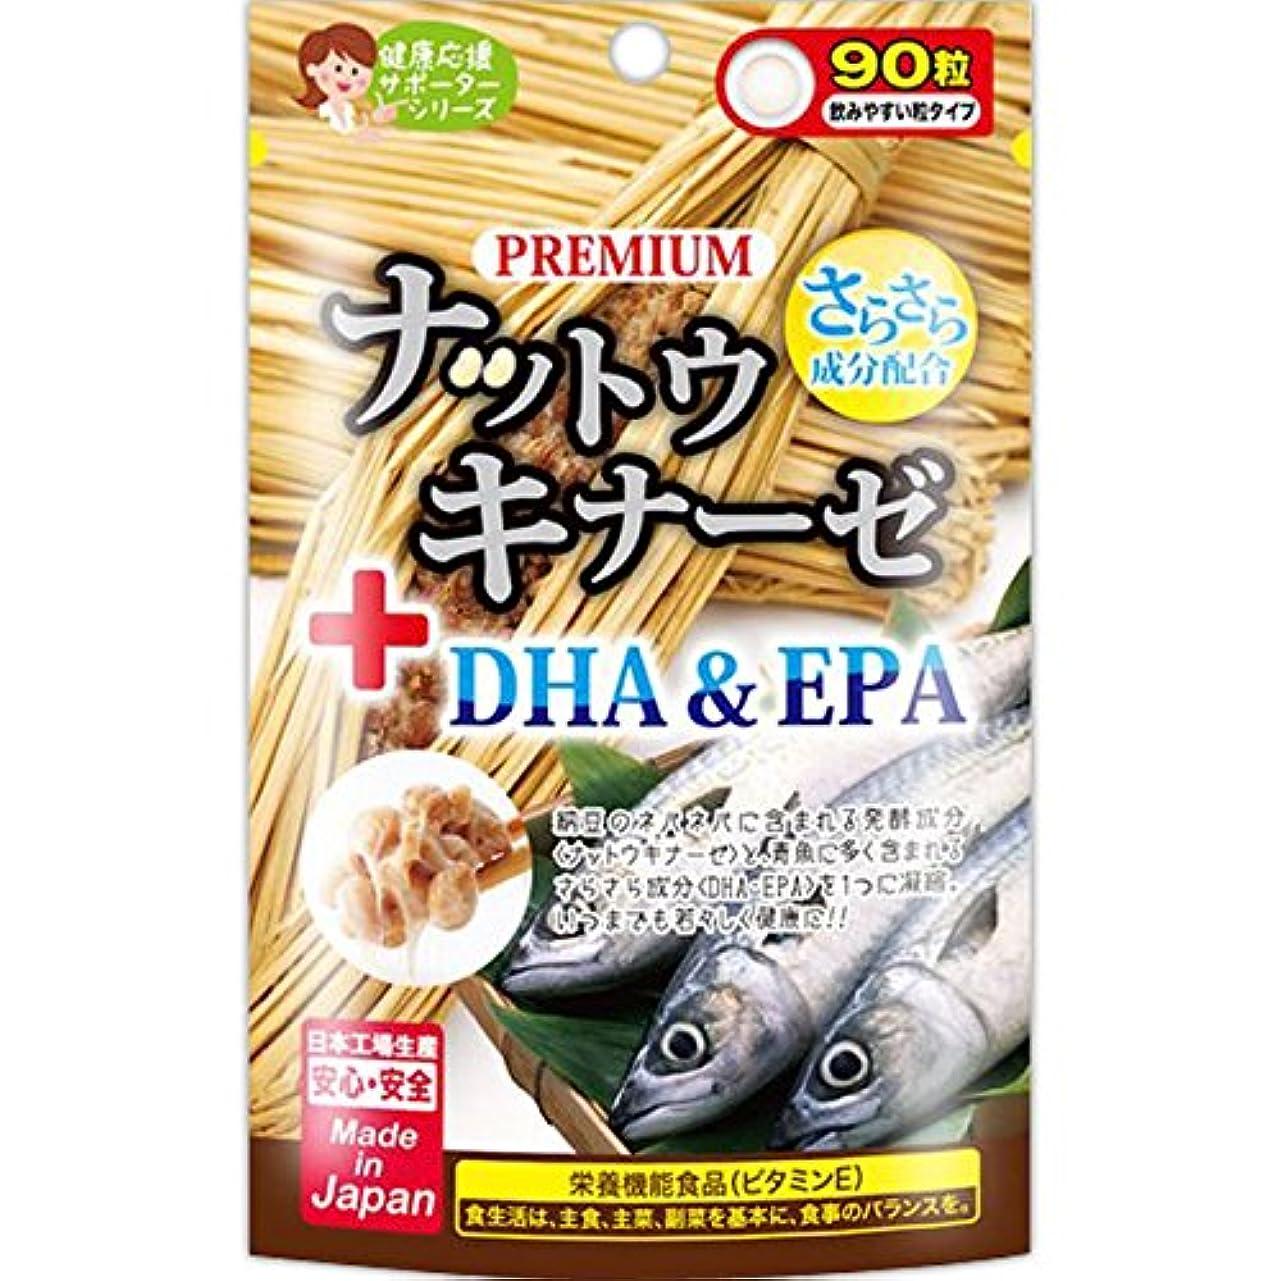 プロフィールフレキシブル辞書ジャパンギャルズ プレミアムナットウキナーゼ+DHA&EPA 90粒×10個セット